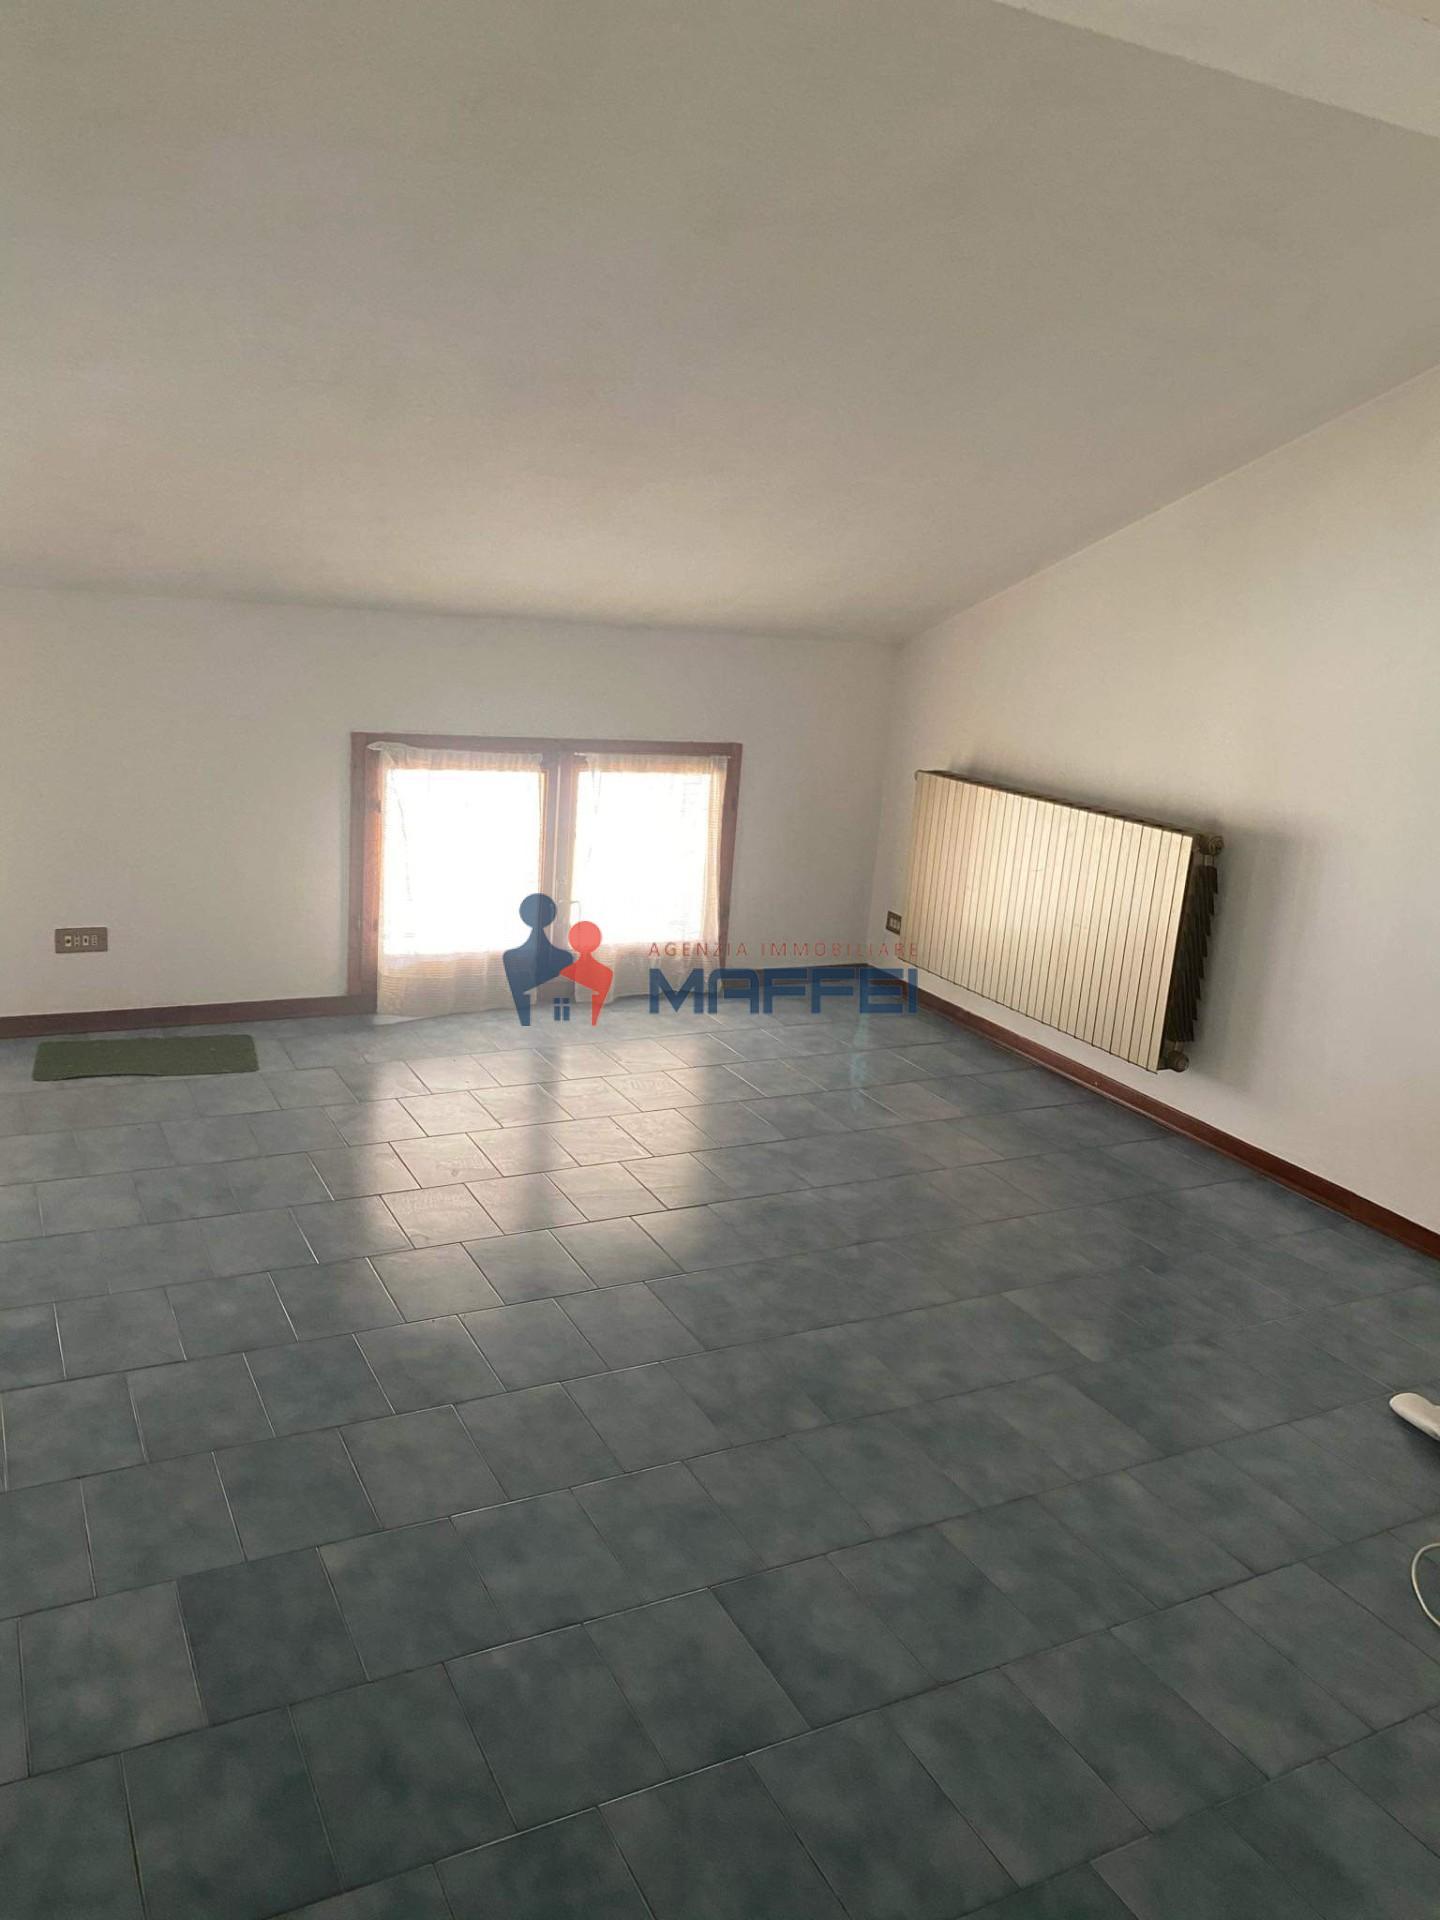 Terraced house for sale in Viareggio (LU)